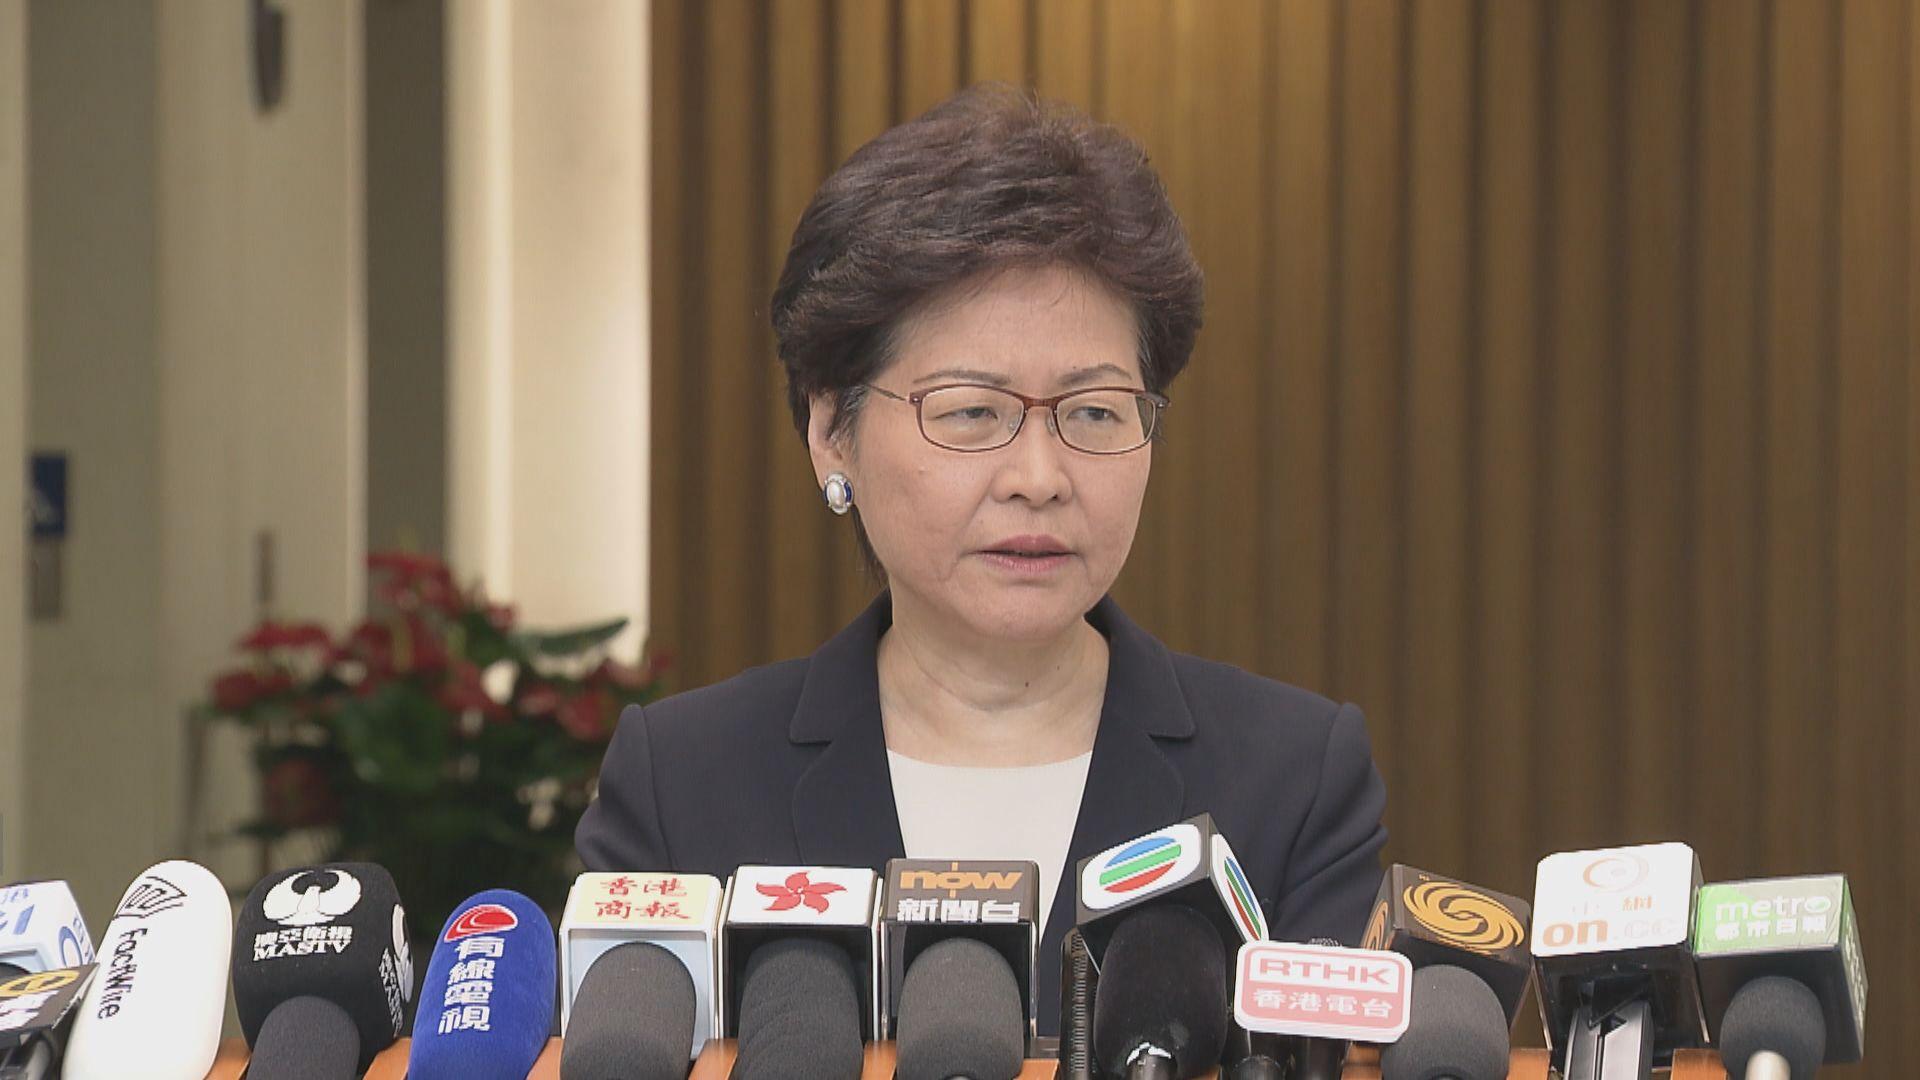 林鄭:習近平發言釋除香港偏離一國兩制疑慮